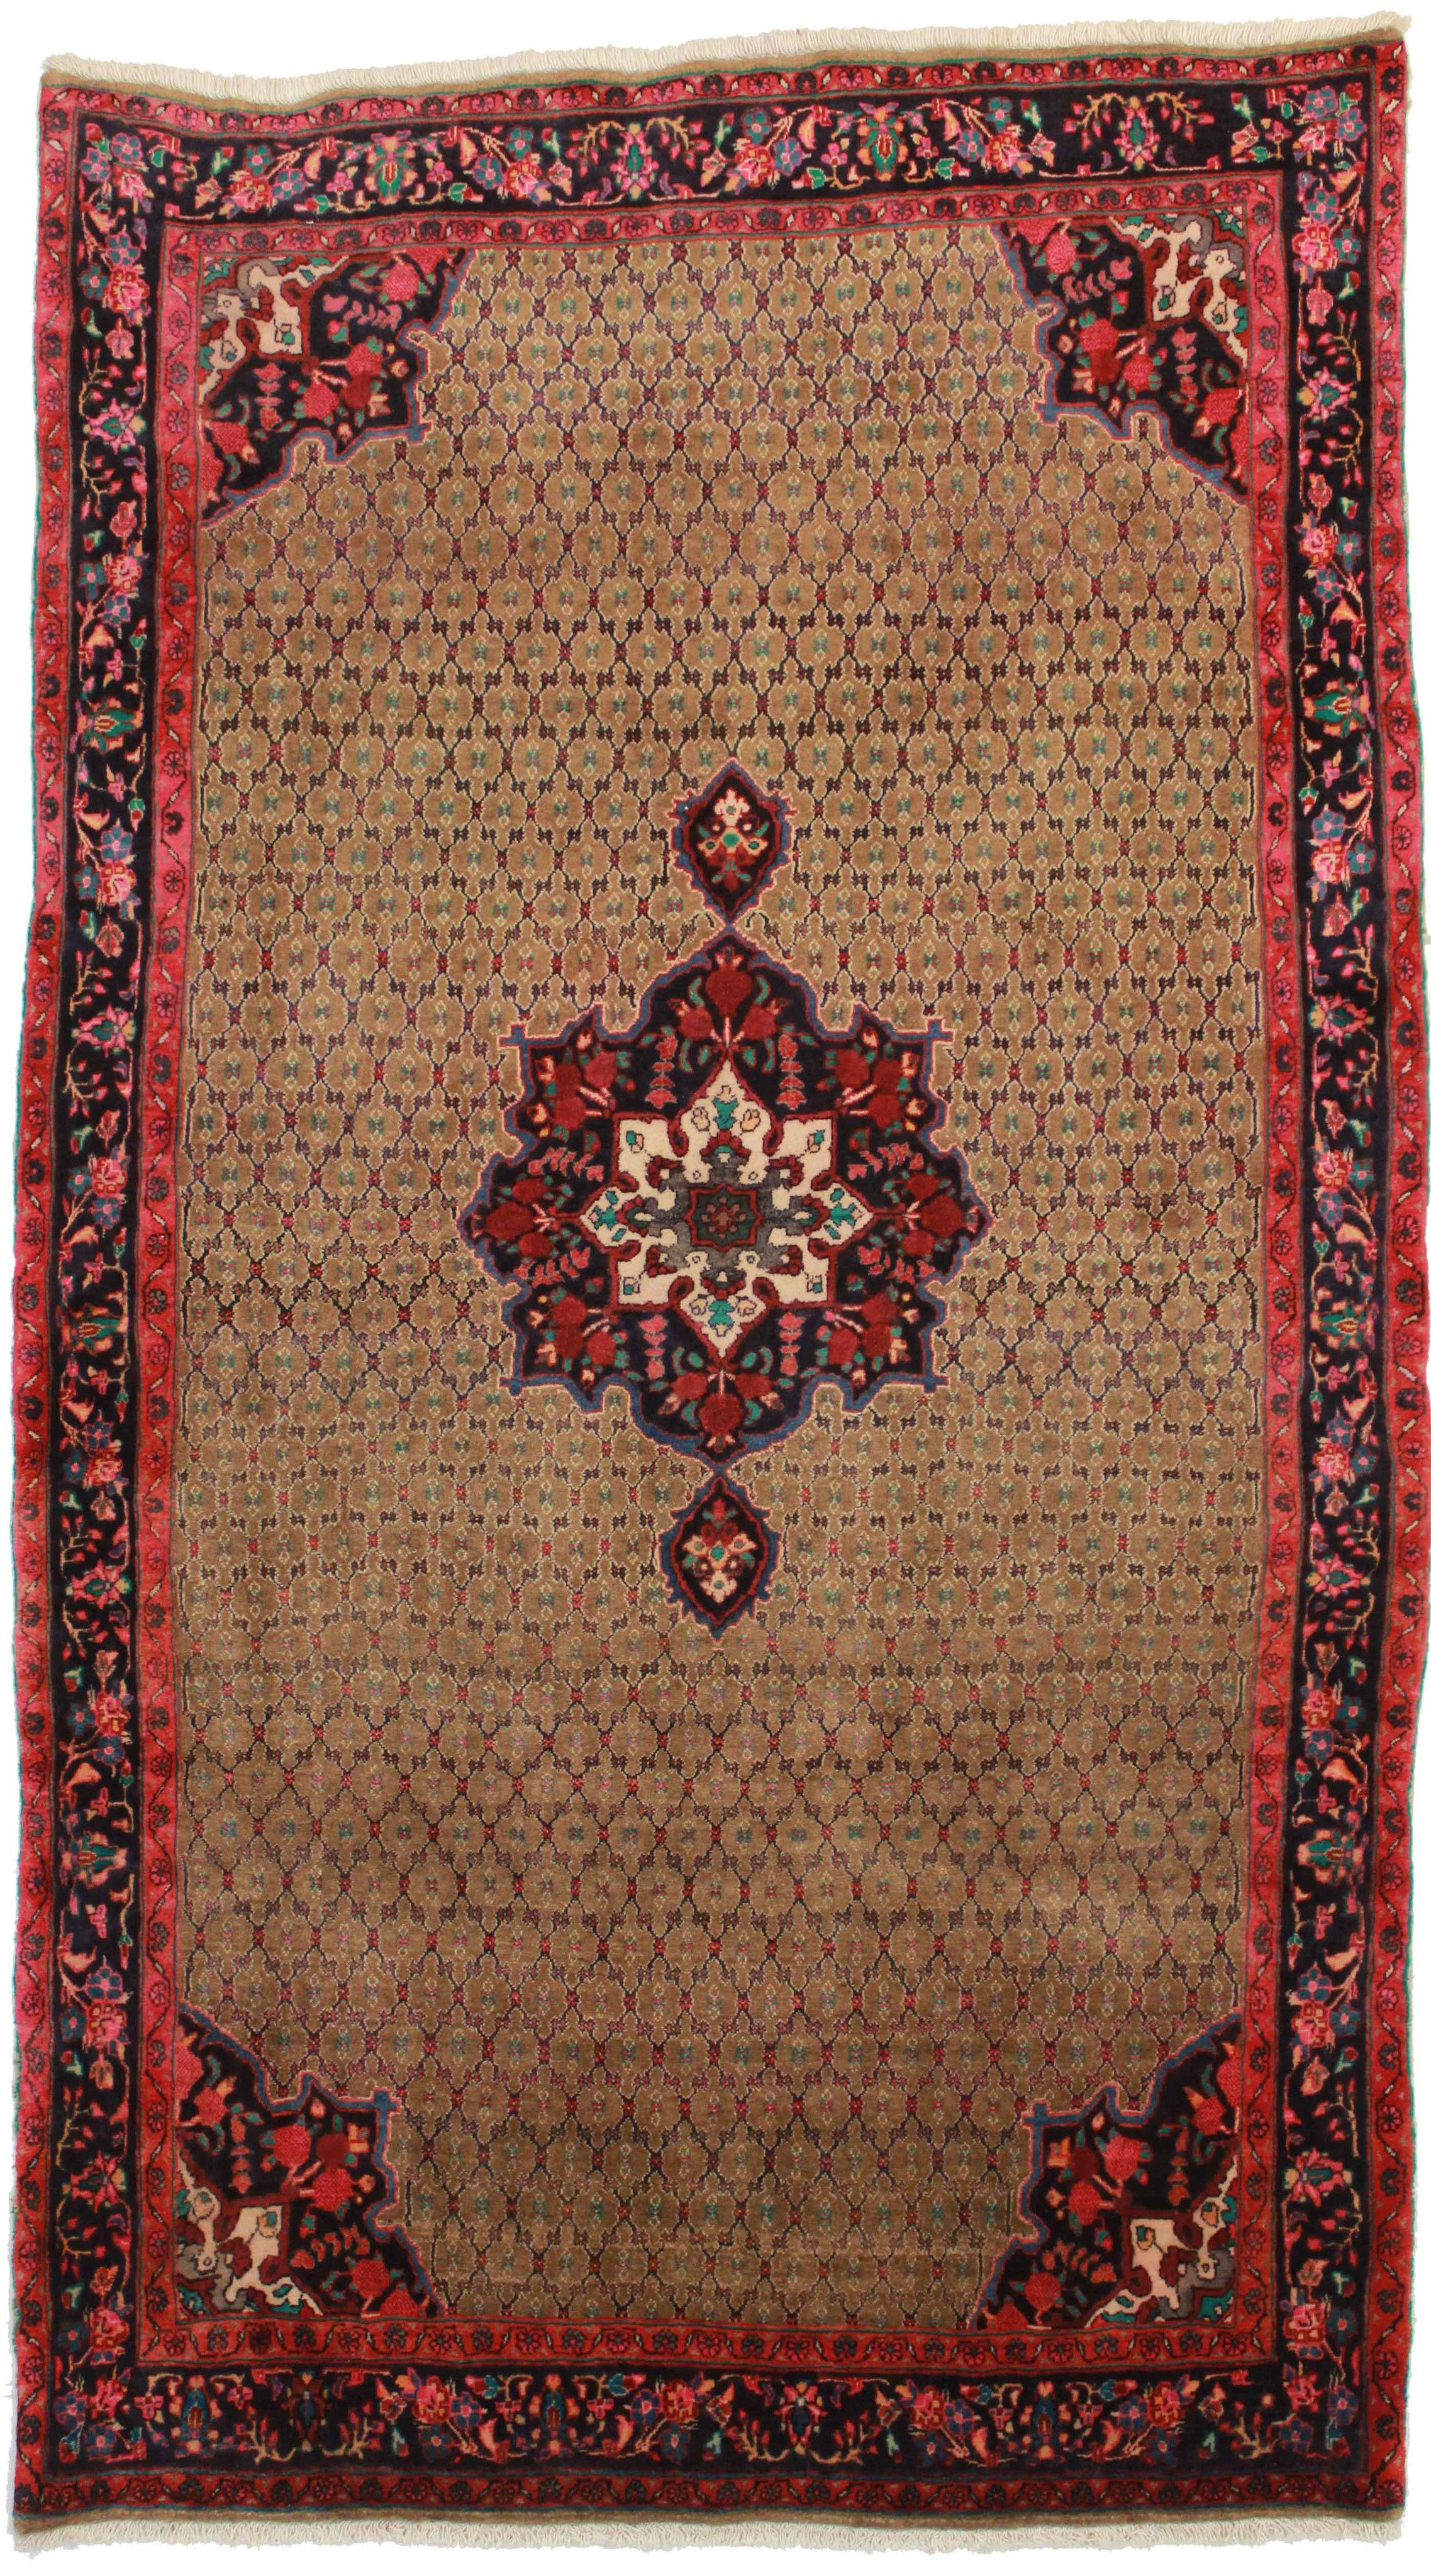 5' X 9' Hand Knotted Wool Persian Bijar Rug